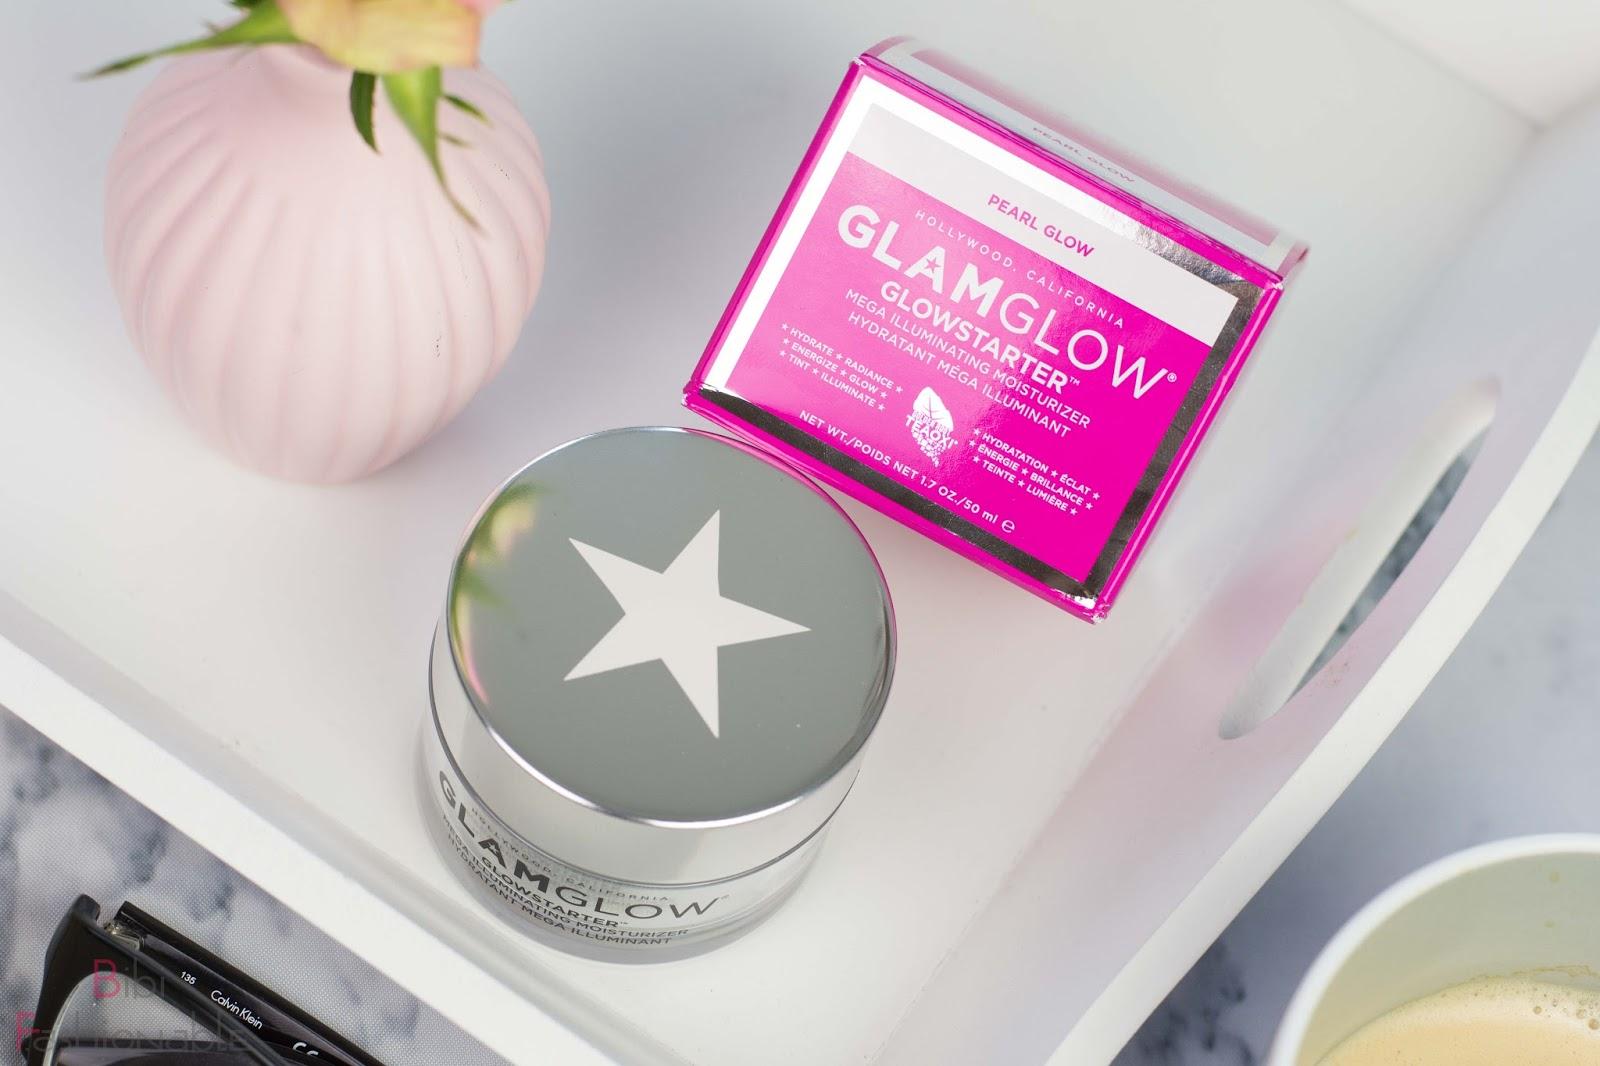 GlamGlow-Glowstarter Mega Iluminating Moisturizer Pearl Glow Umverpackung Produktname